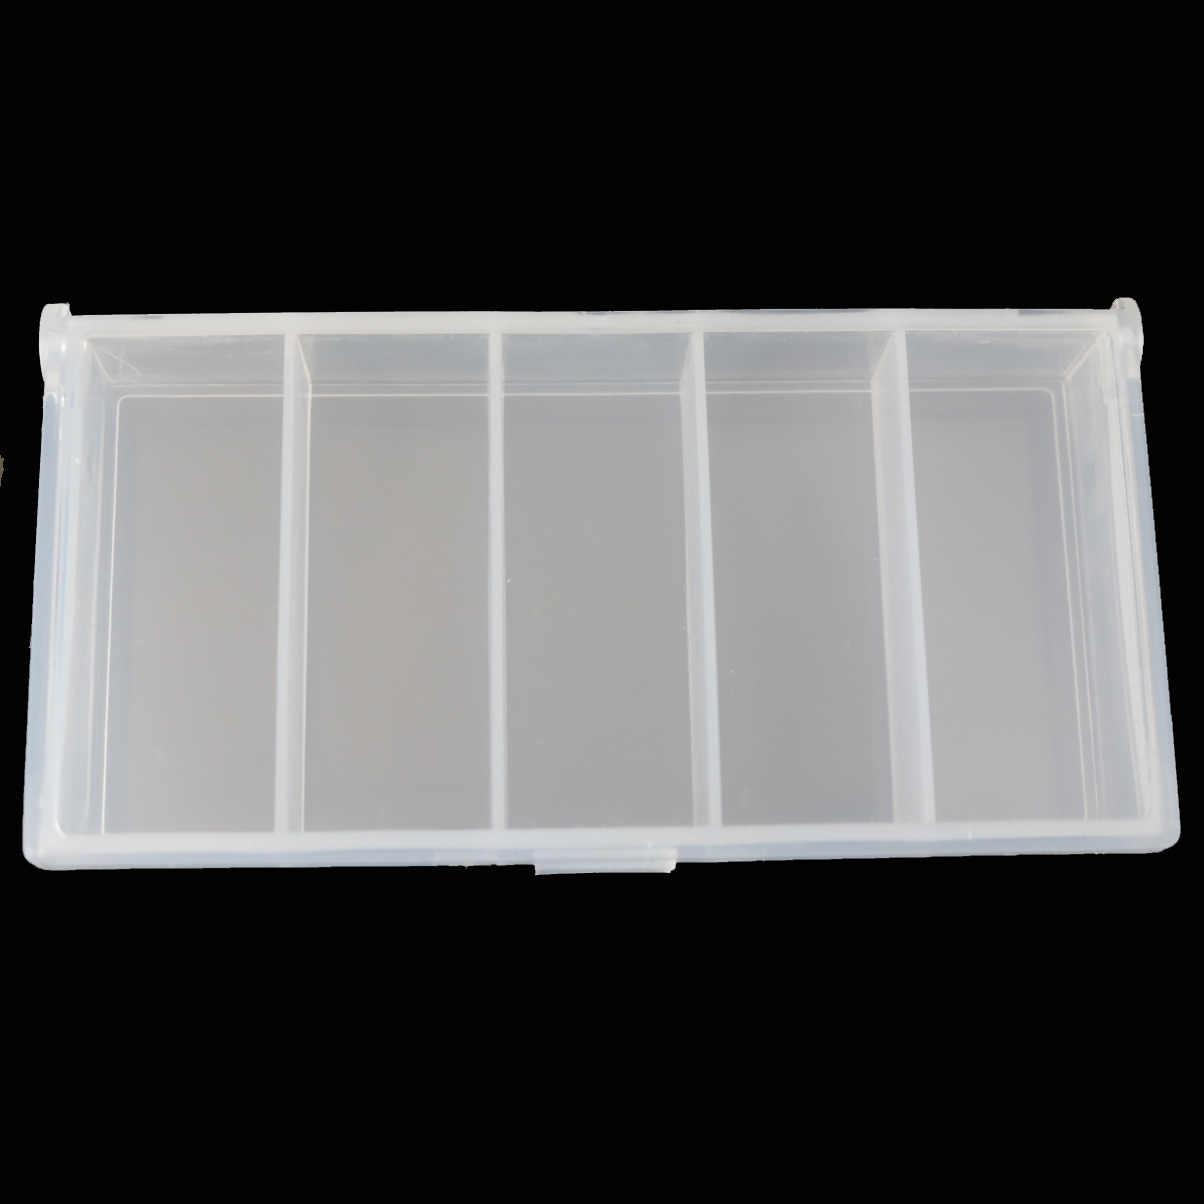 LUSHAZER 5 Рыболовные Снасти Коробка пластиковое водонепроницаемое оборудование рыболовная приманка рыболовная коробка ловля нахлыстом блесна